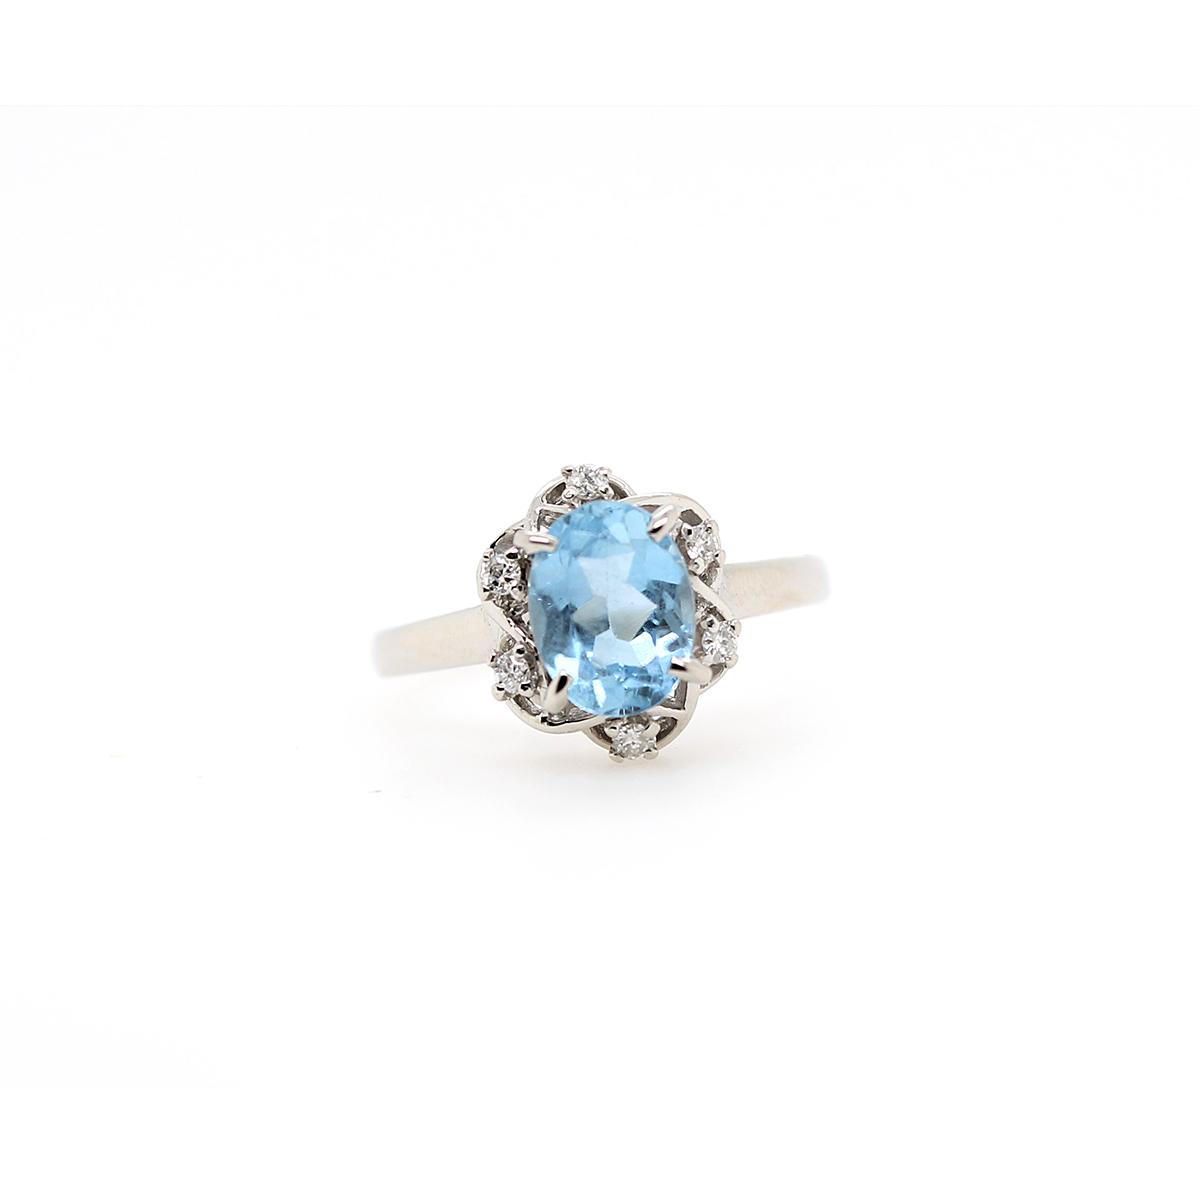 Vintage Platinum Oval Aquamarine and Diamond Ring